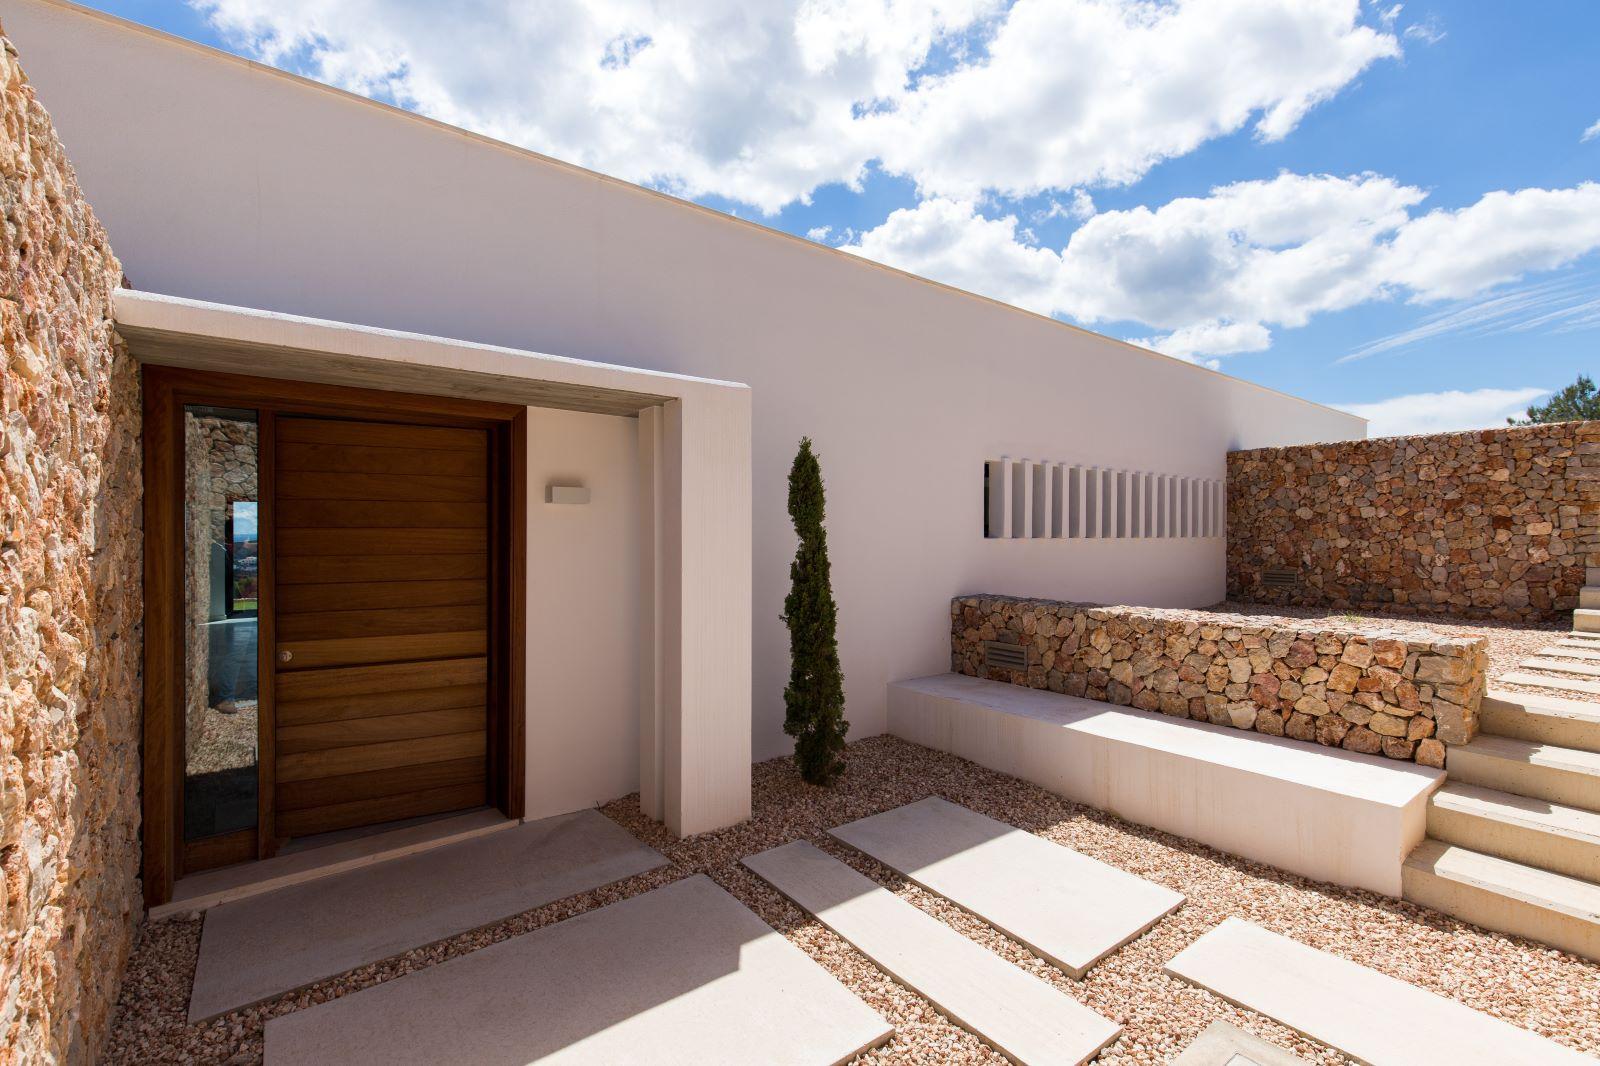 Villa in Coves Noves Ref: H2501 (3) 47